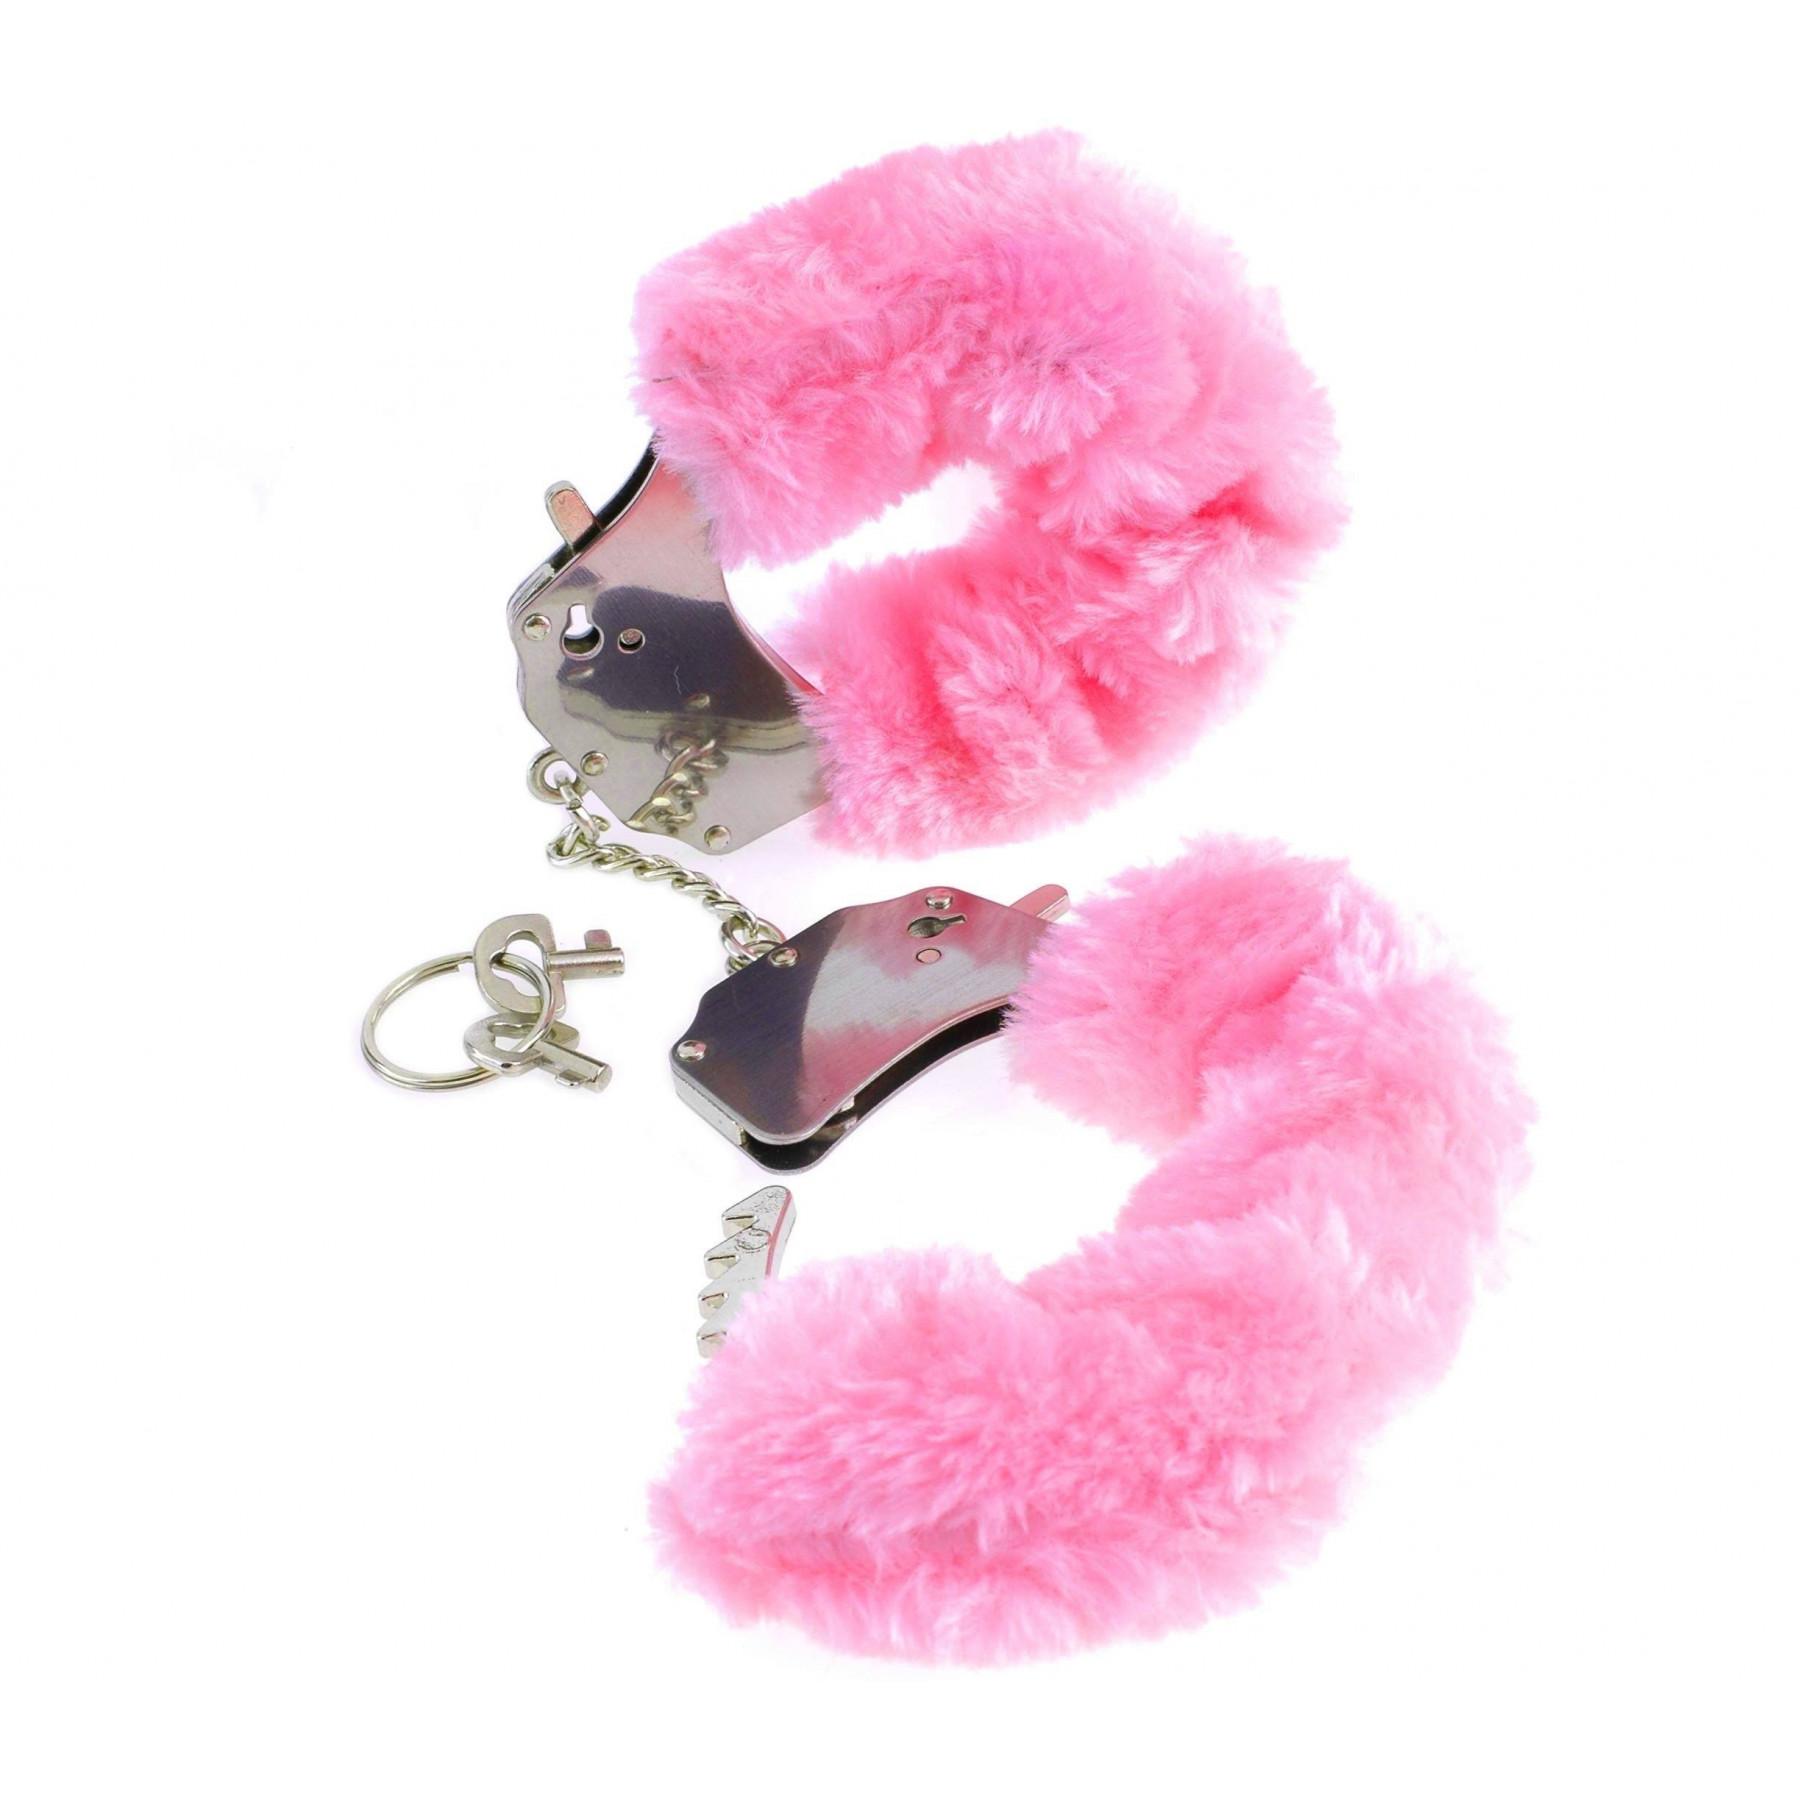 Manette in metallo eco pelliccia rosa pipedream